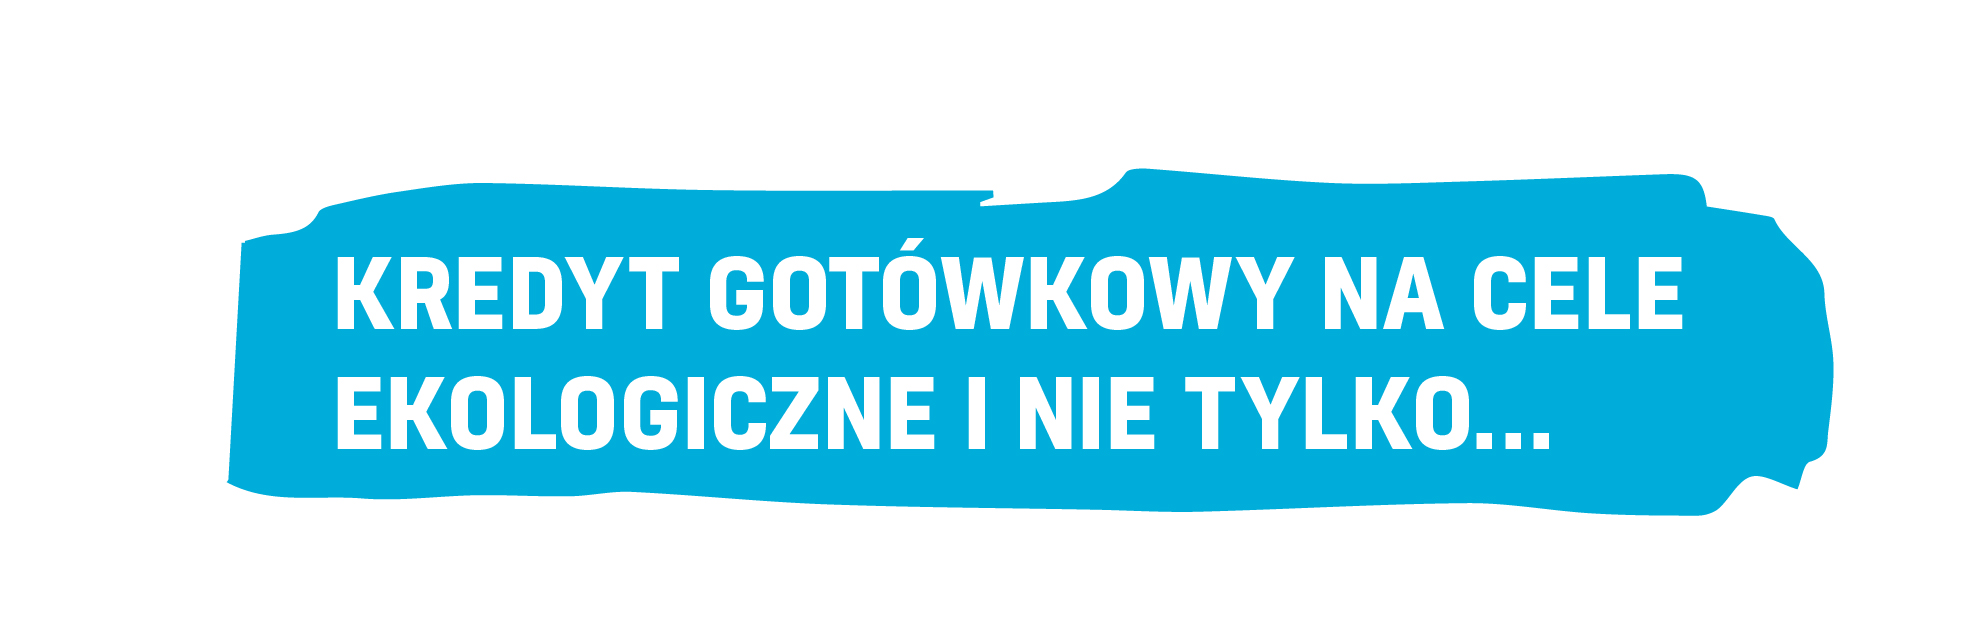 https://mojbank.pl/images/zdjecia/Kredyt_got%C3%B3wkowy_na_cele_ekologiczne_mazia.jpg